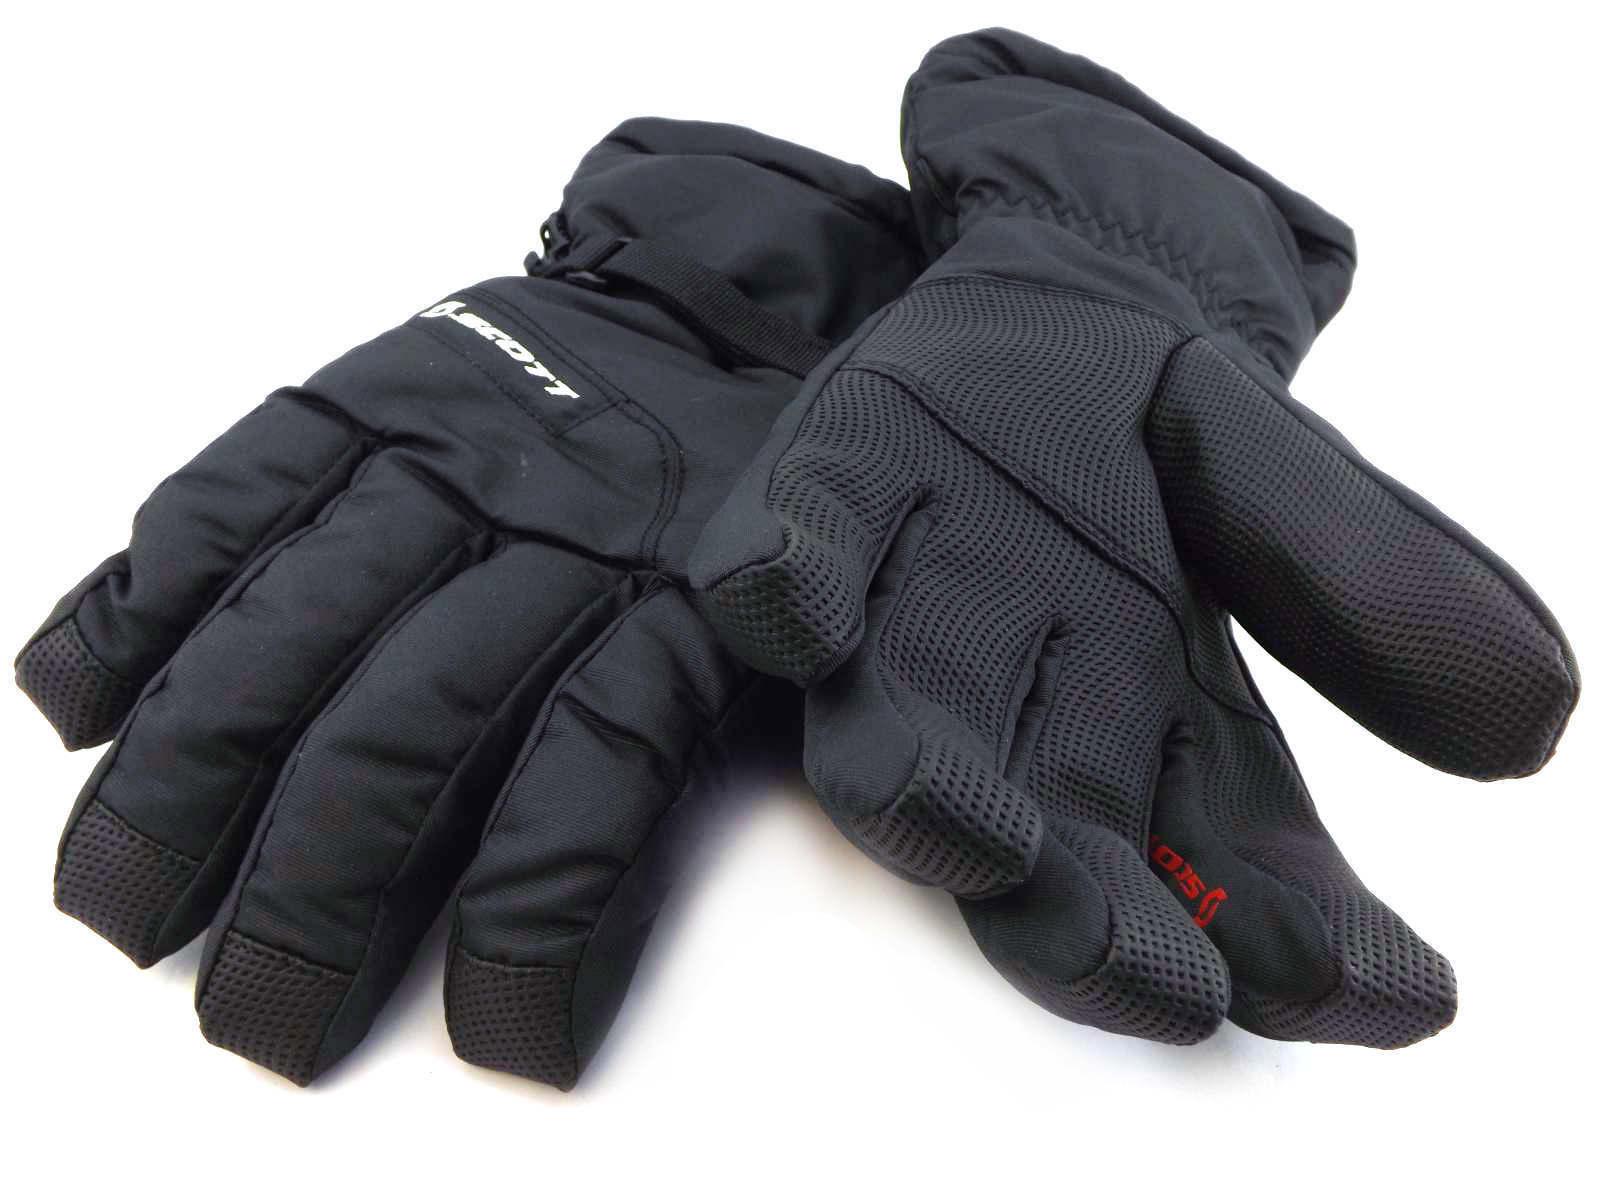 Scott - Ultimativ Warm Herren M-L-XL Snowboard Ski Ski Snowboard Handschuh Schwarz 244478 2dd321